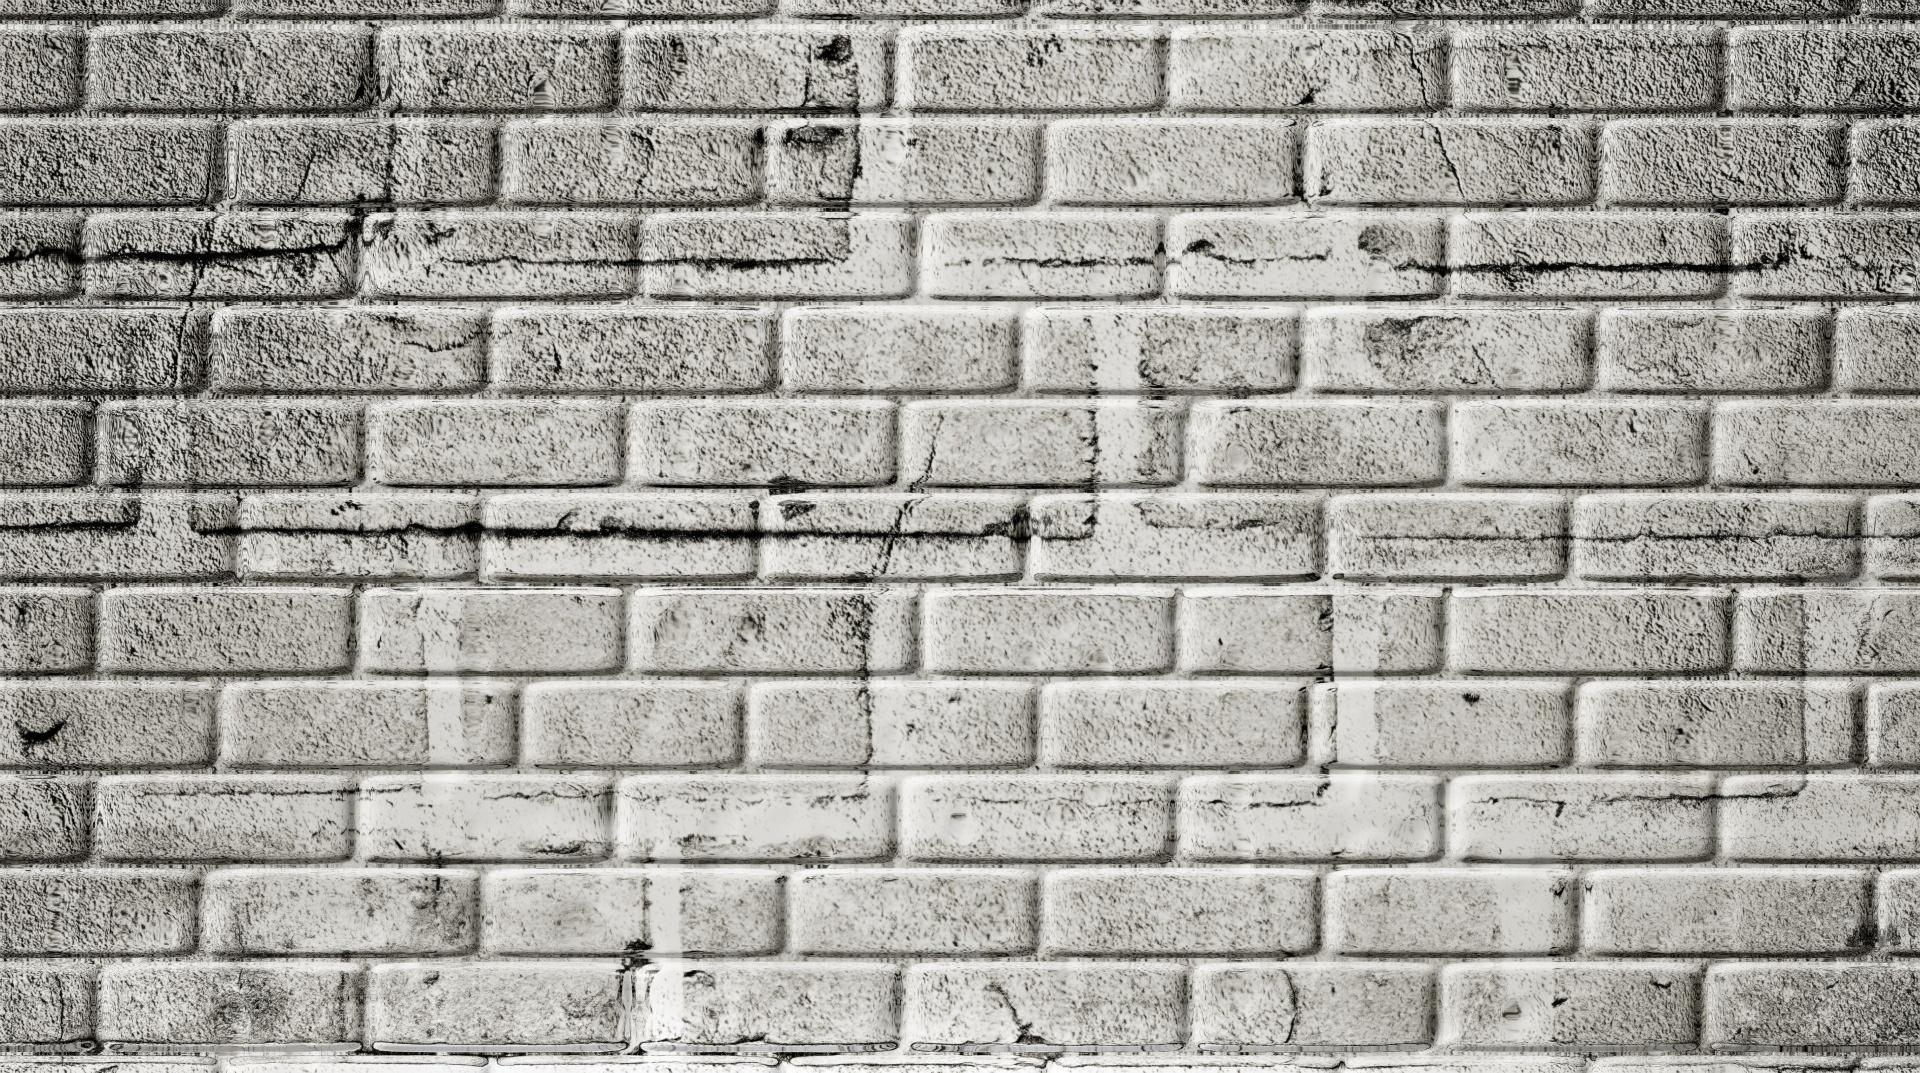 серая кирпичная стена фото стягах начали